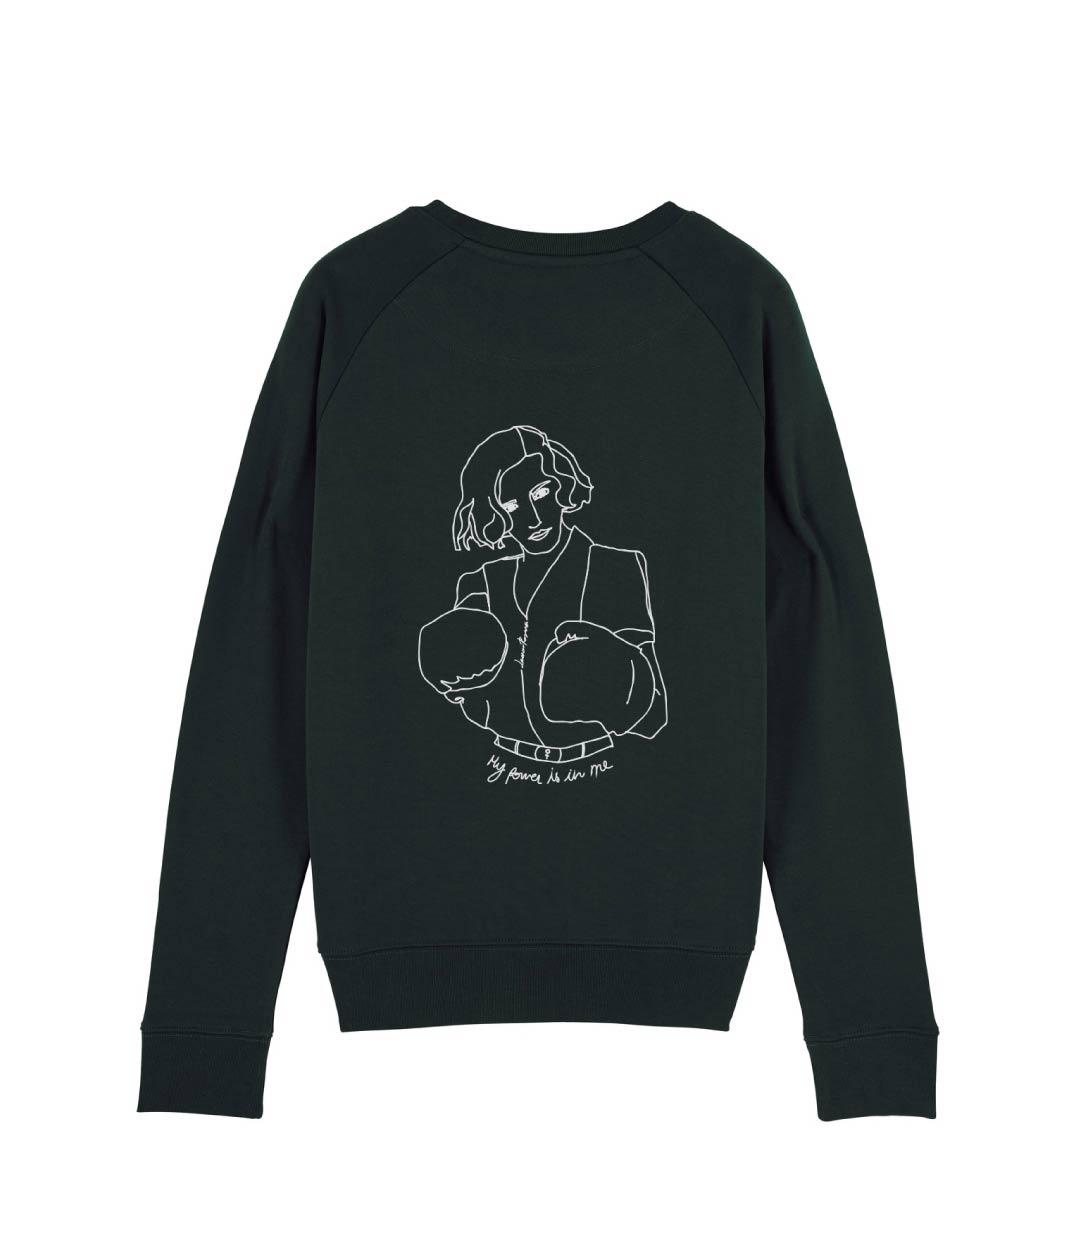 mock up sweatshirt noir freyja de dos